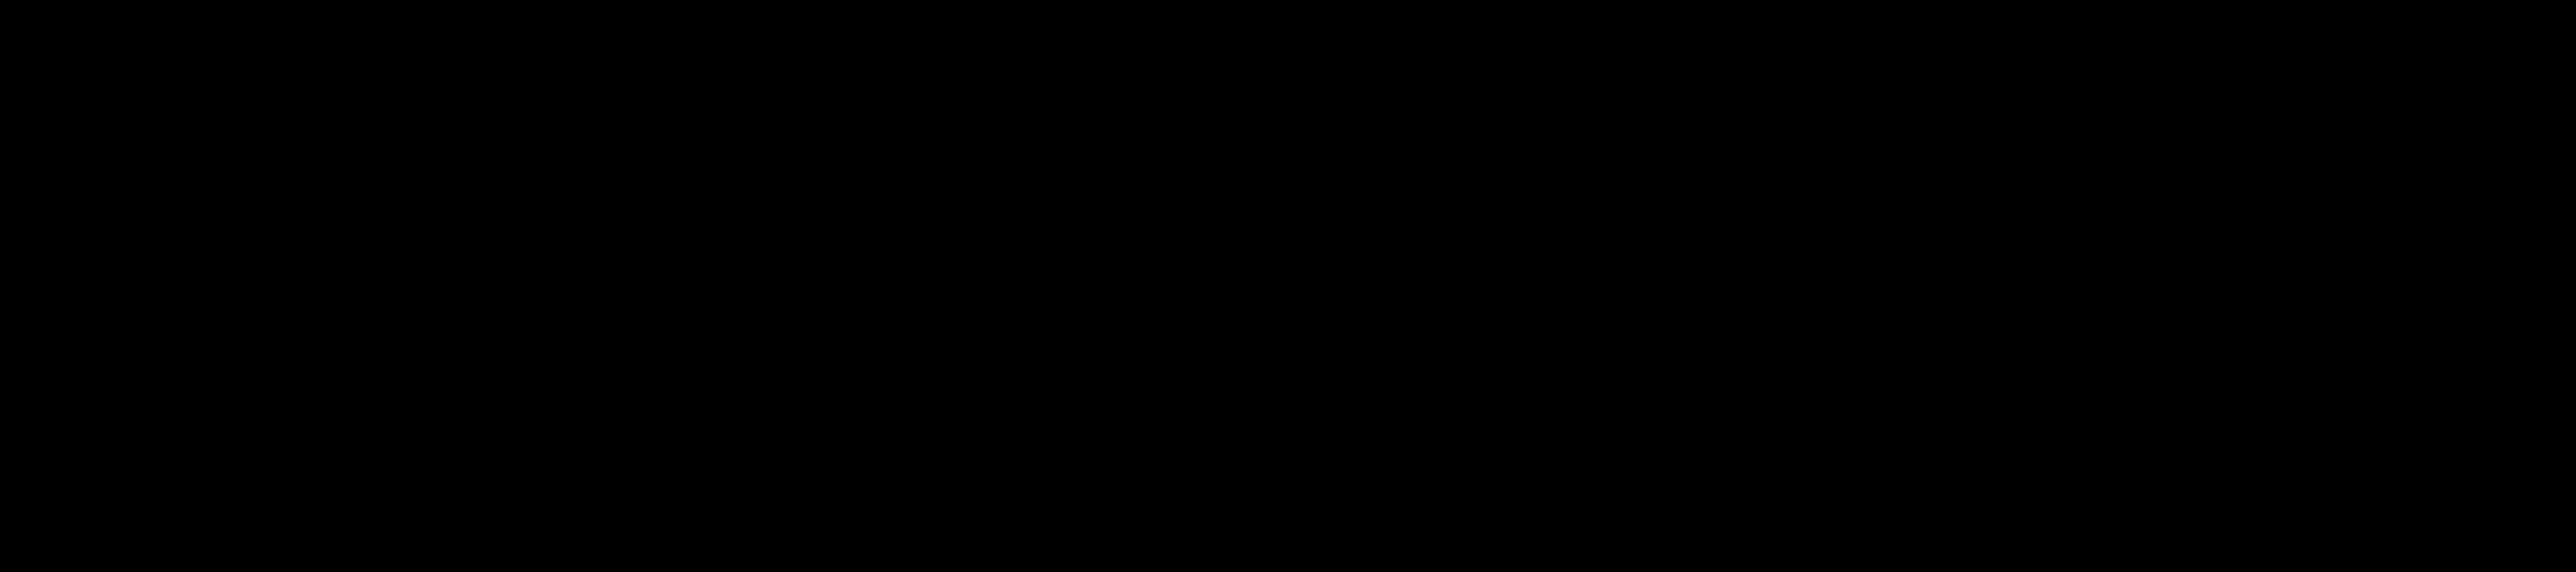 saccharomicin